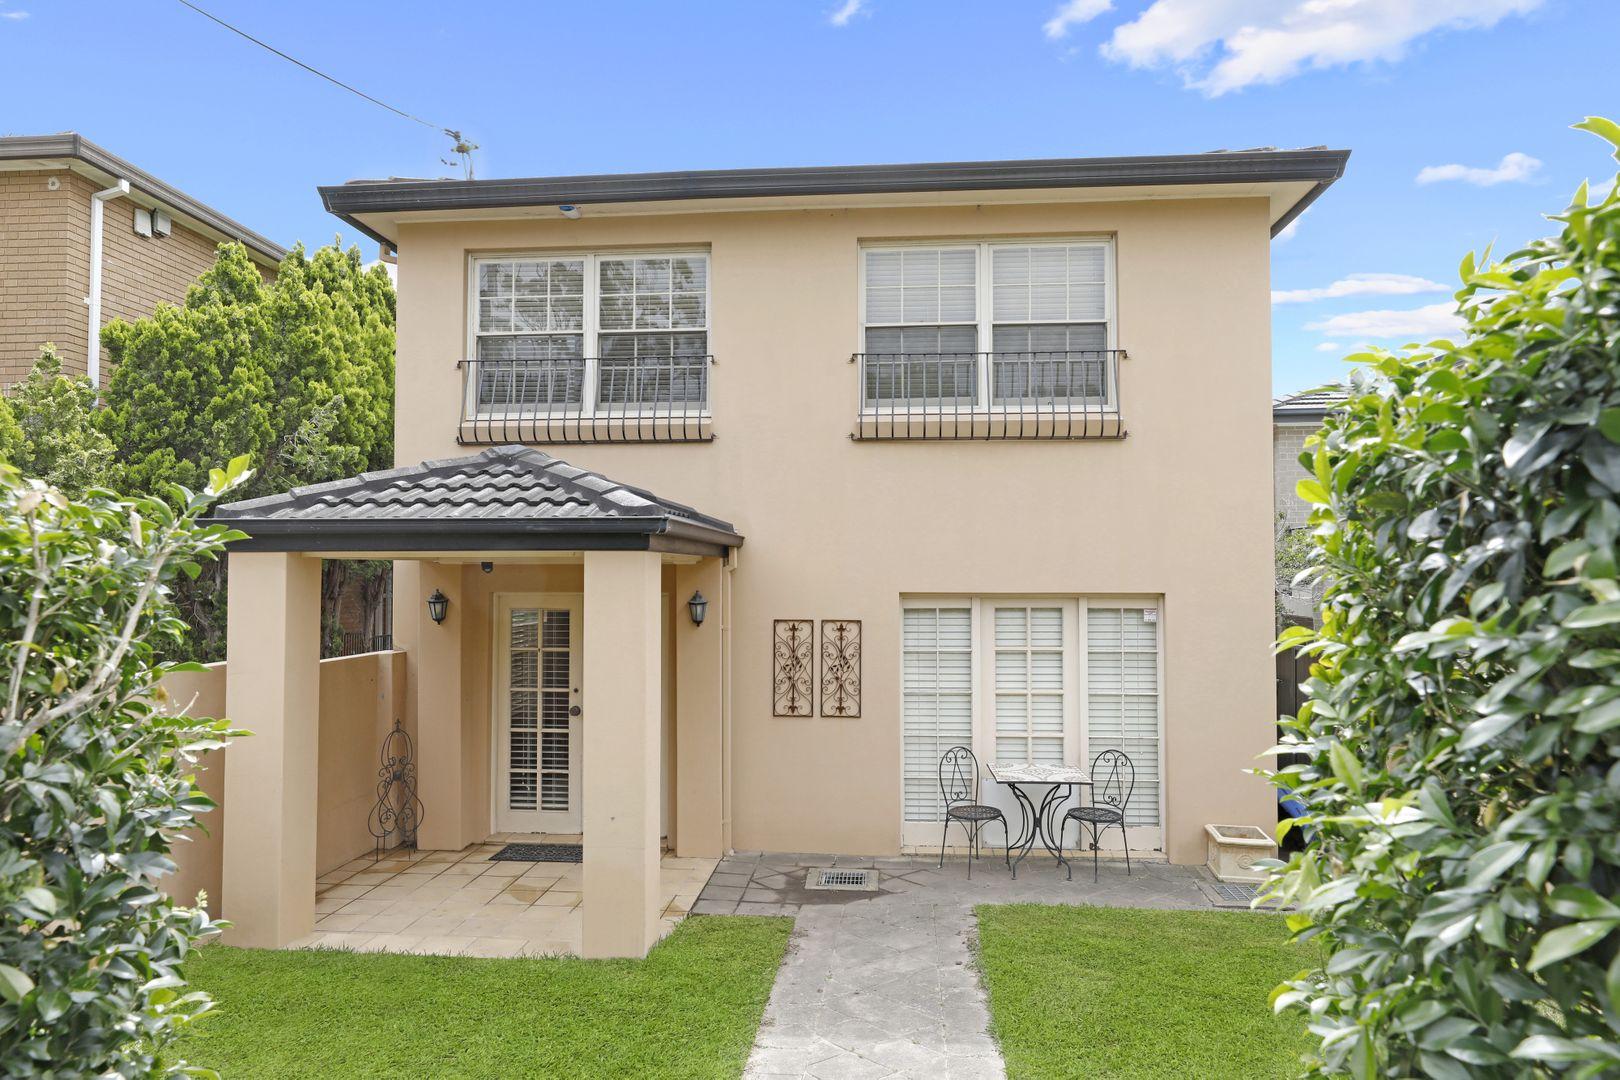 371 Willarong Road, Caringbah South NSW 2229, Image 0